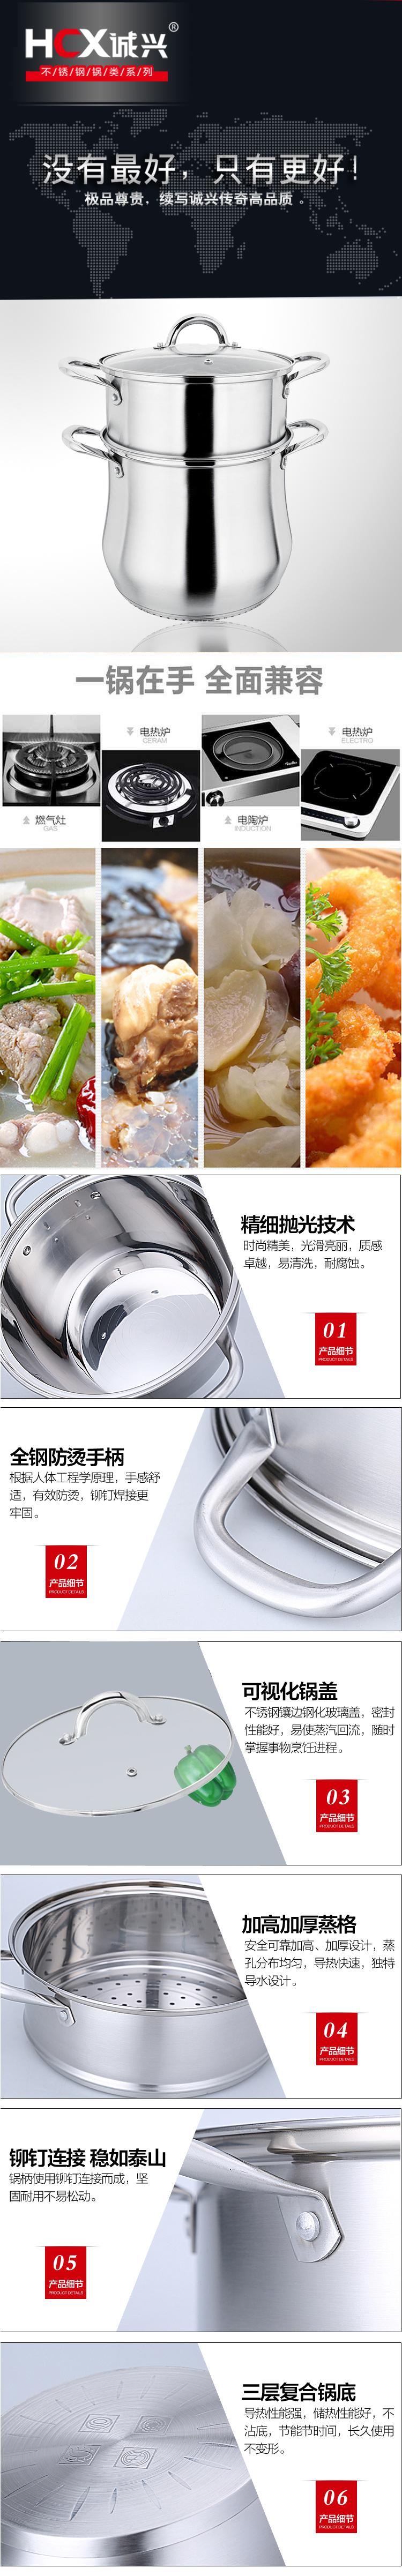 鼓型特高汤蒸锅(Stainless steel steamer pot)ZD-ZG300